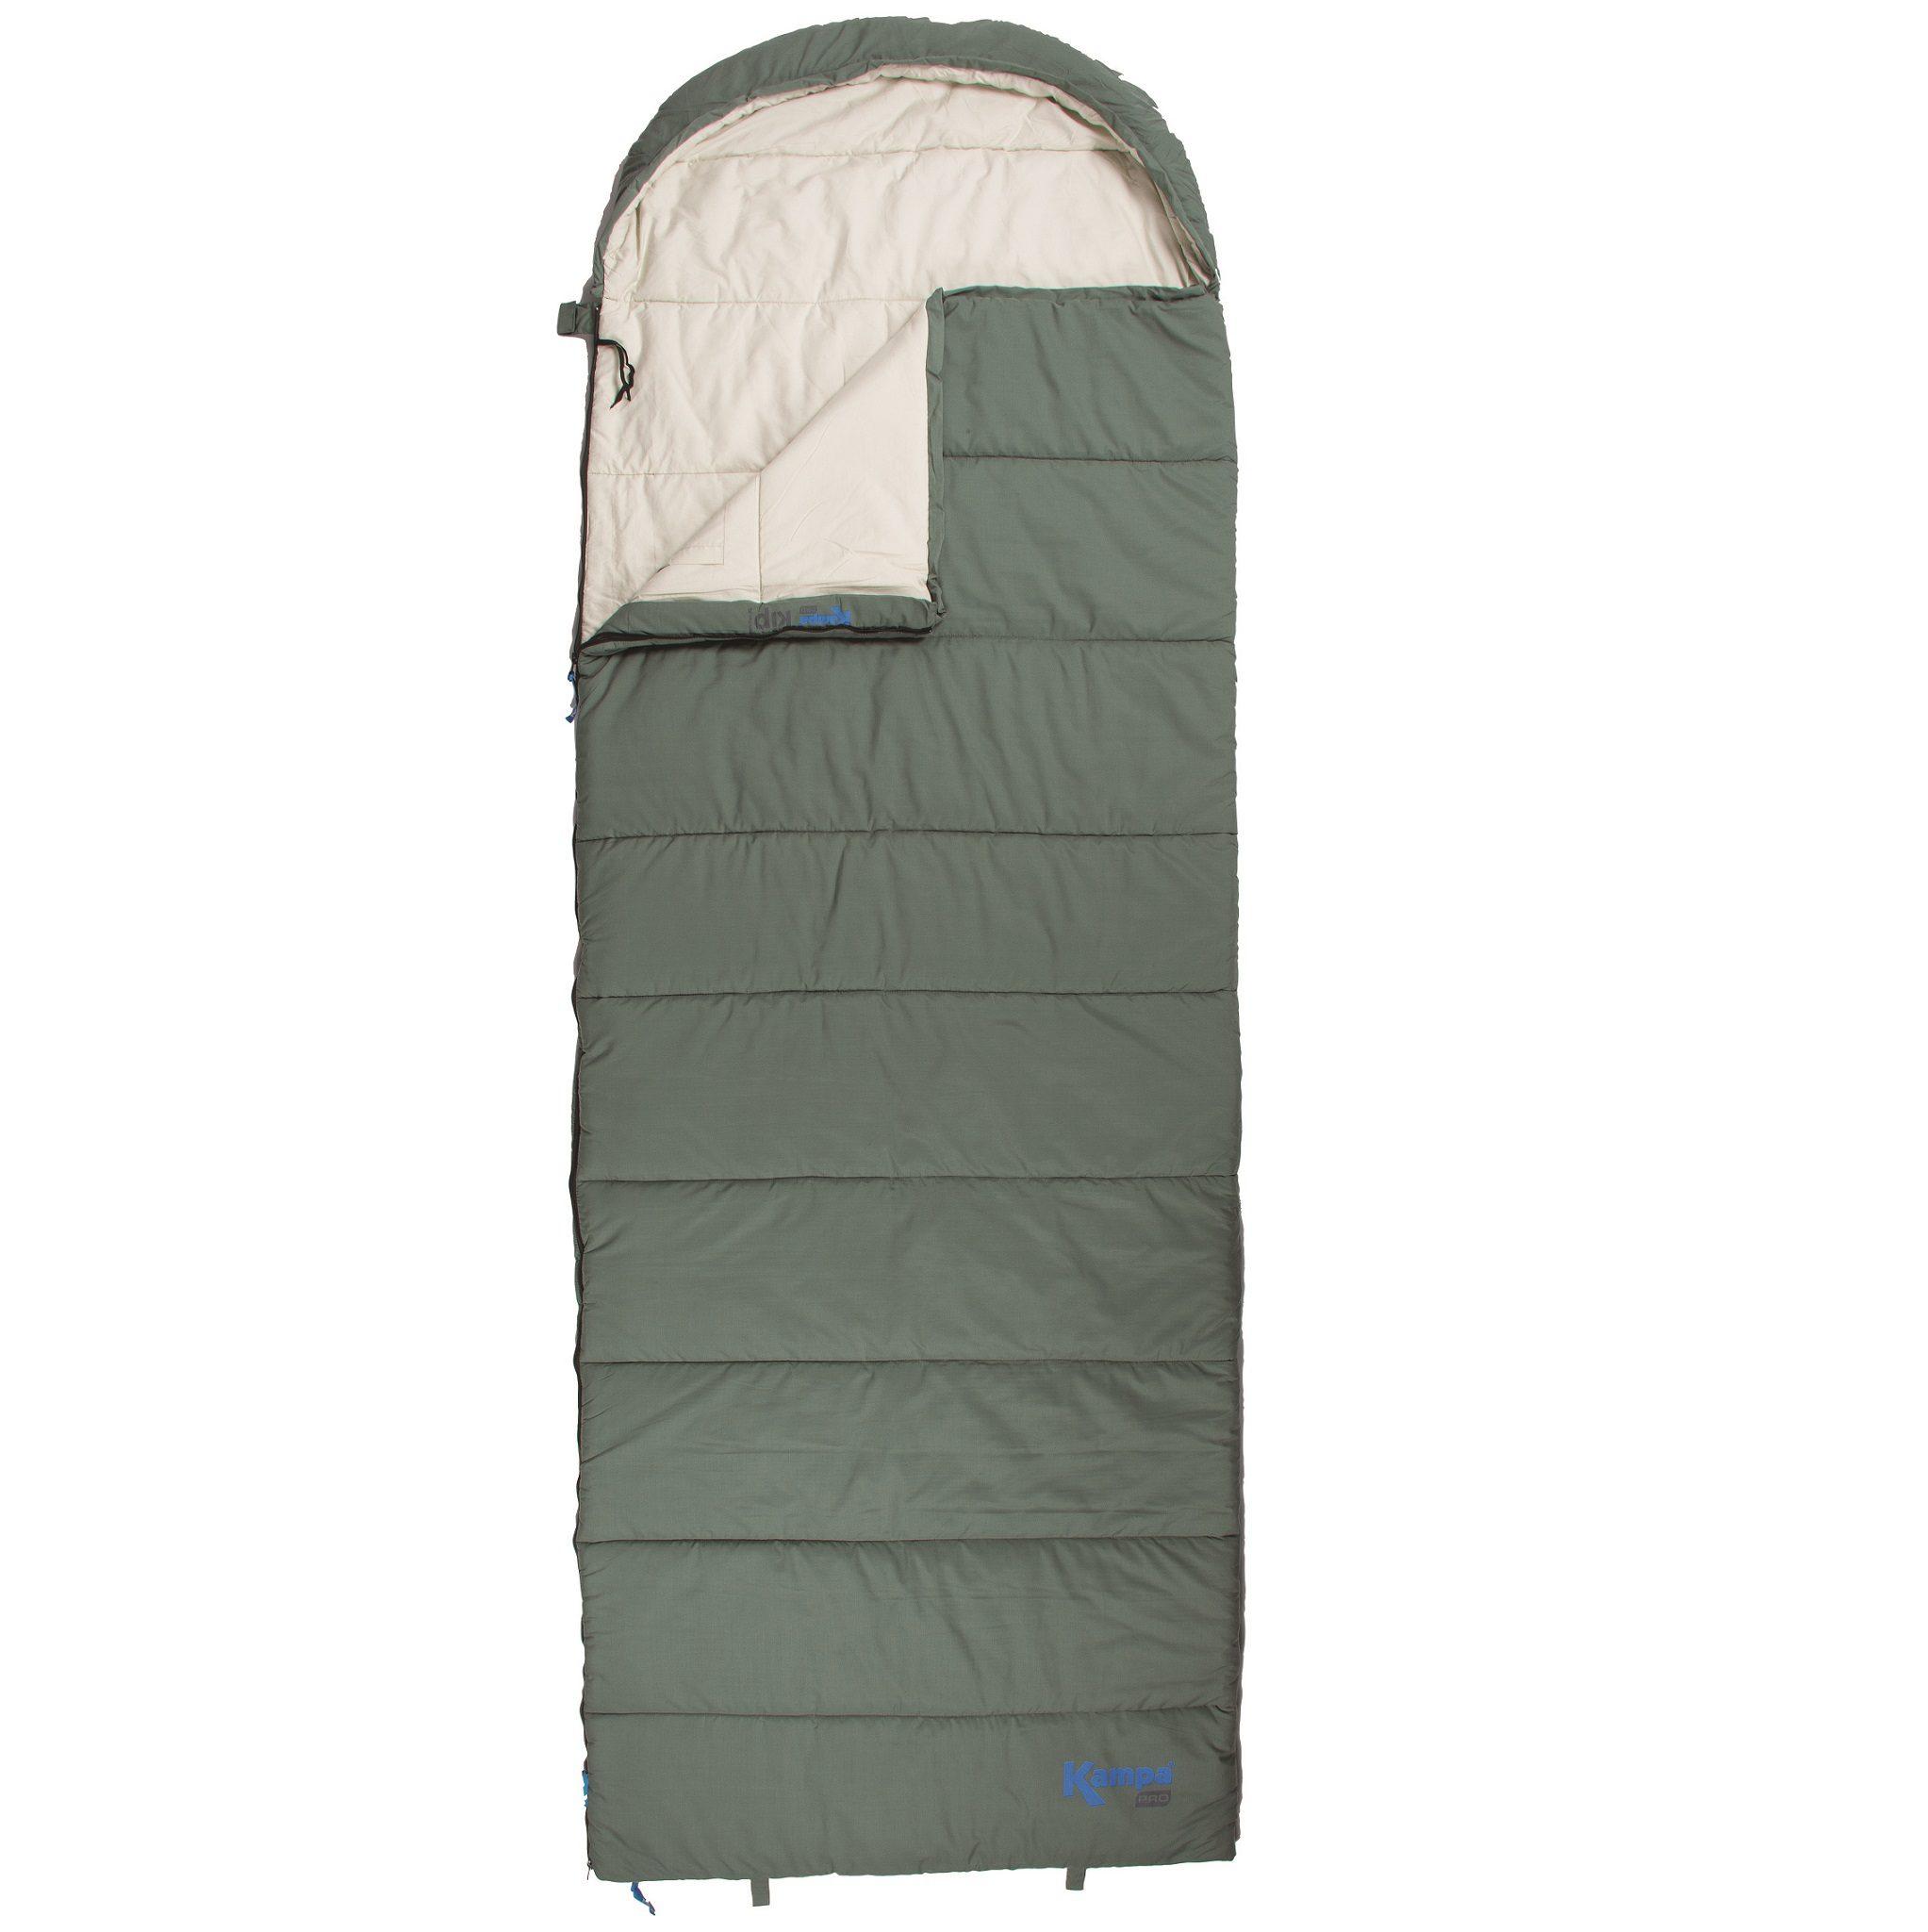 Kampa Kip Meridian Sleeping Bag 2016 - SB0018